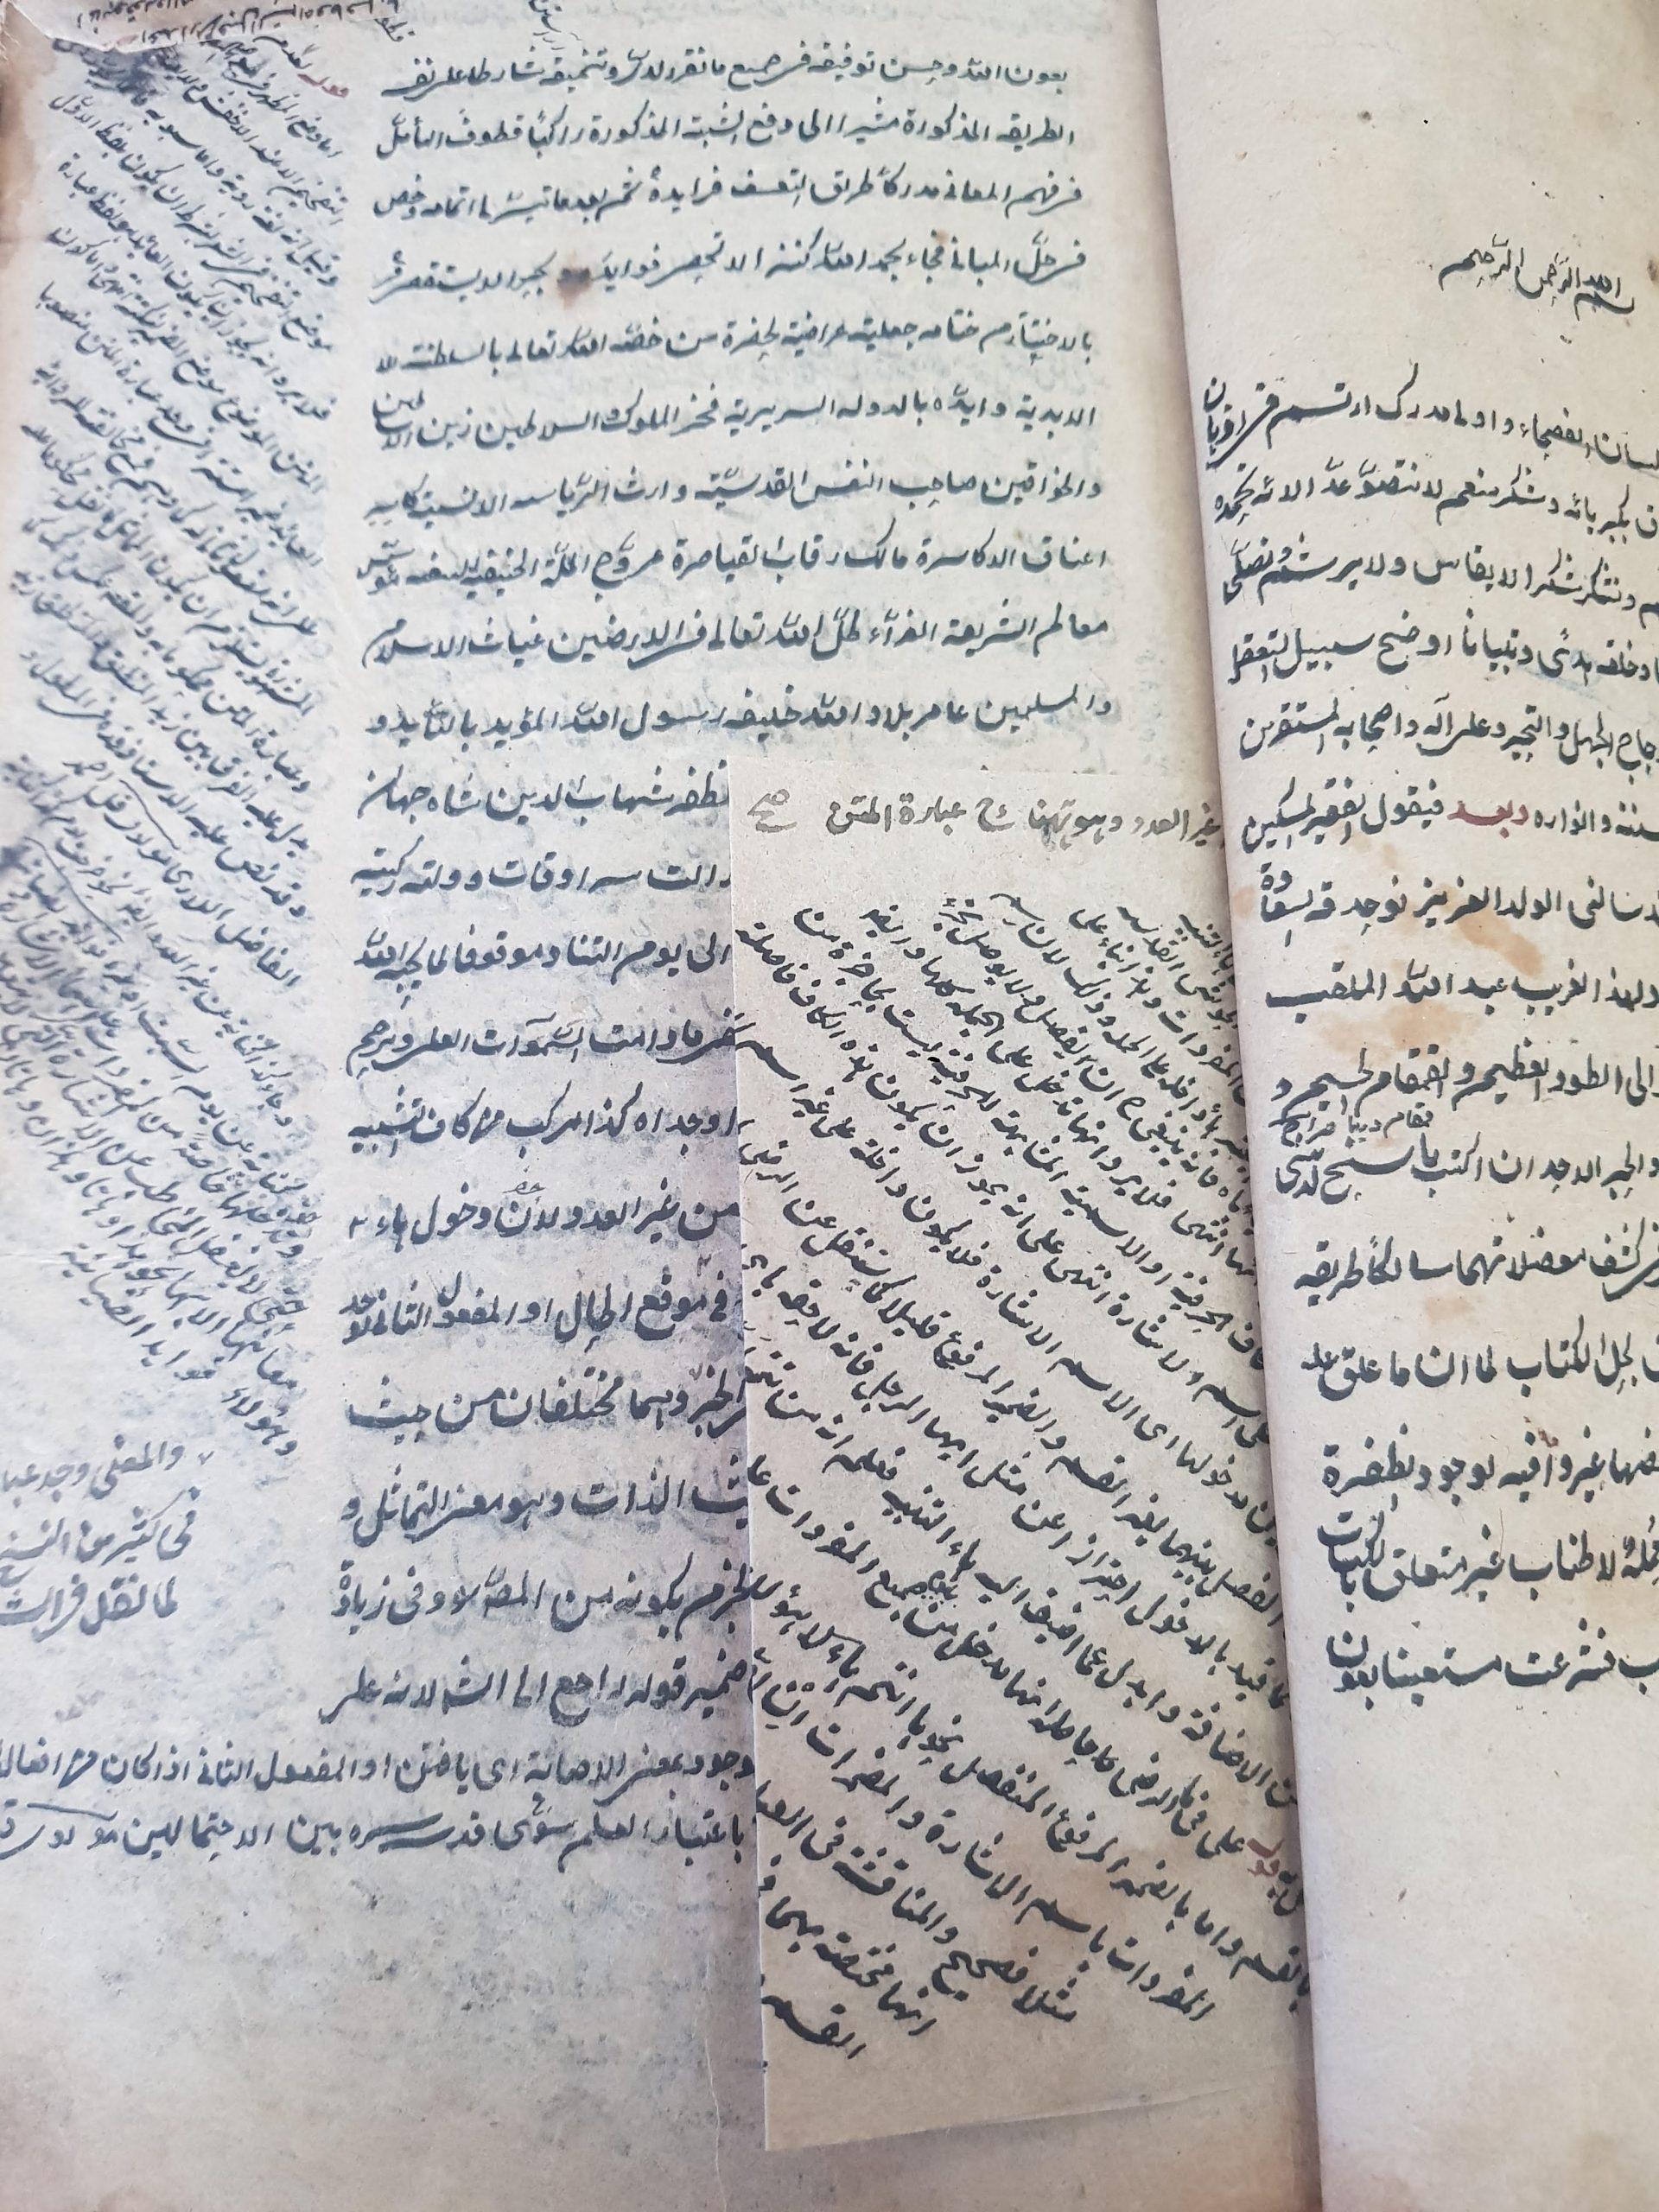 المخطوطة رقم 2